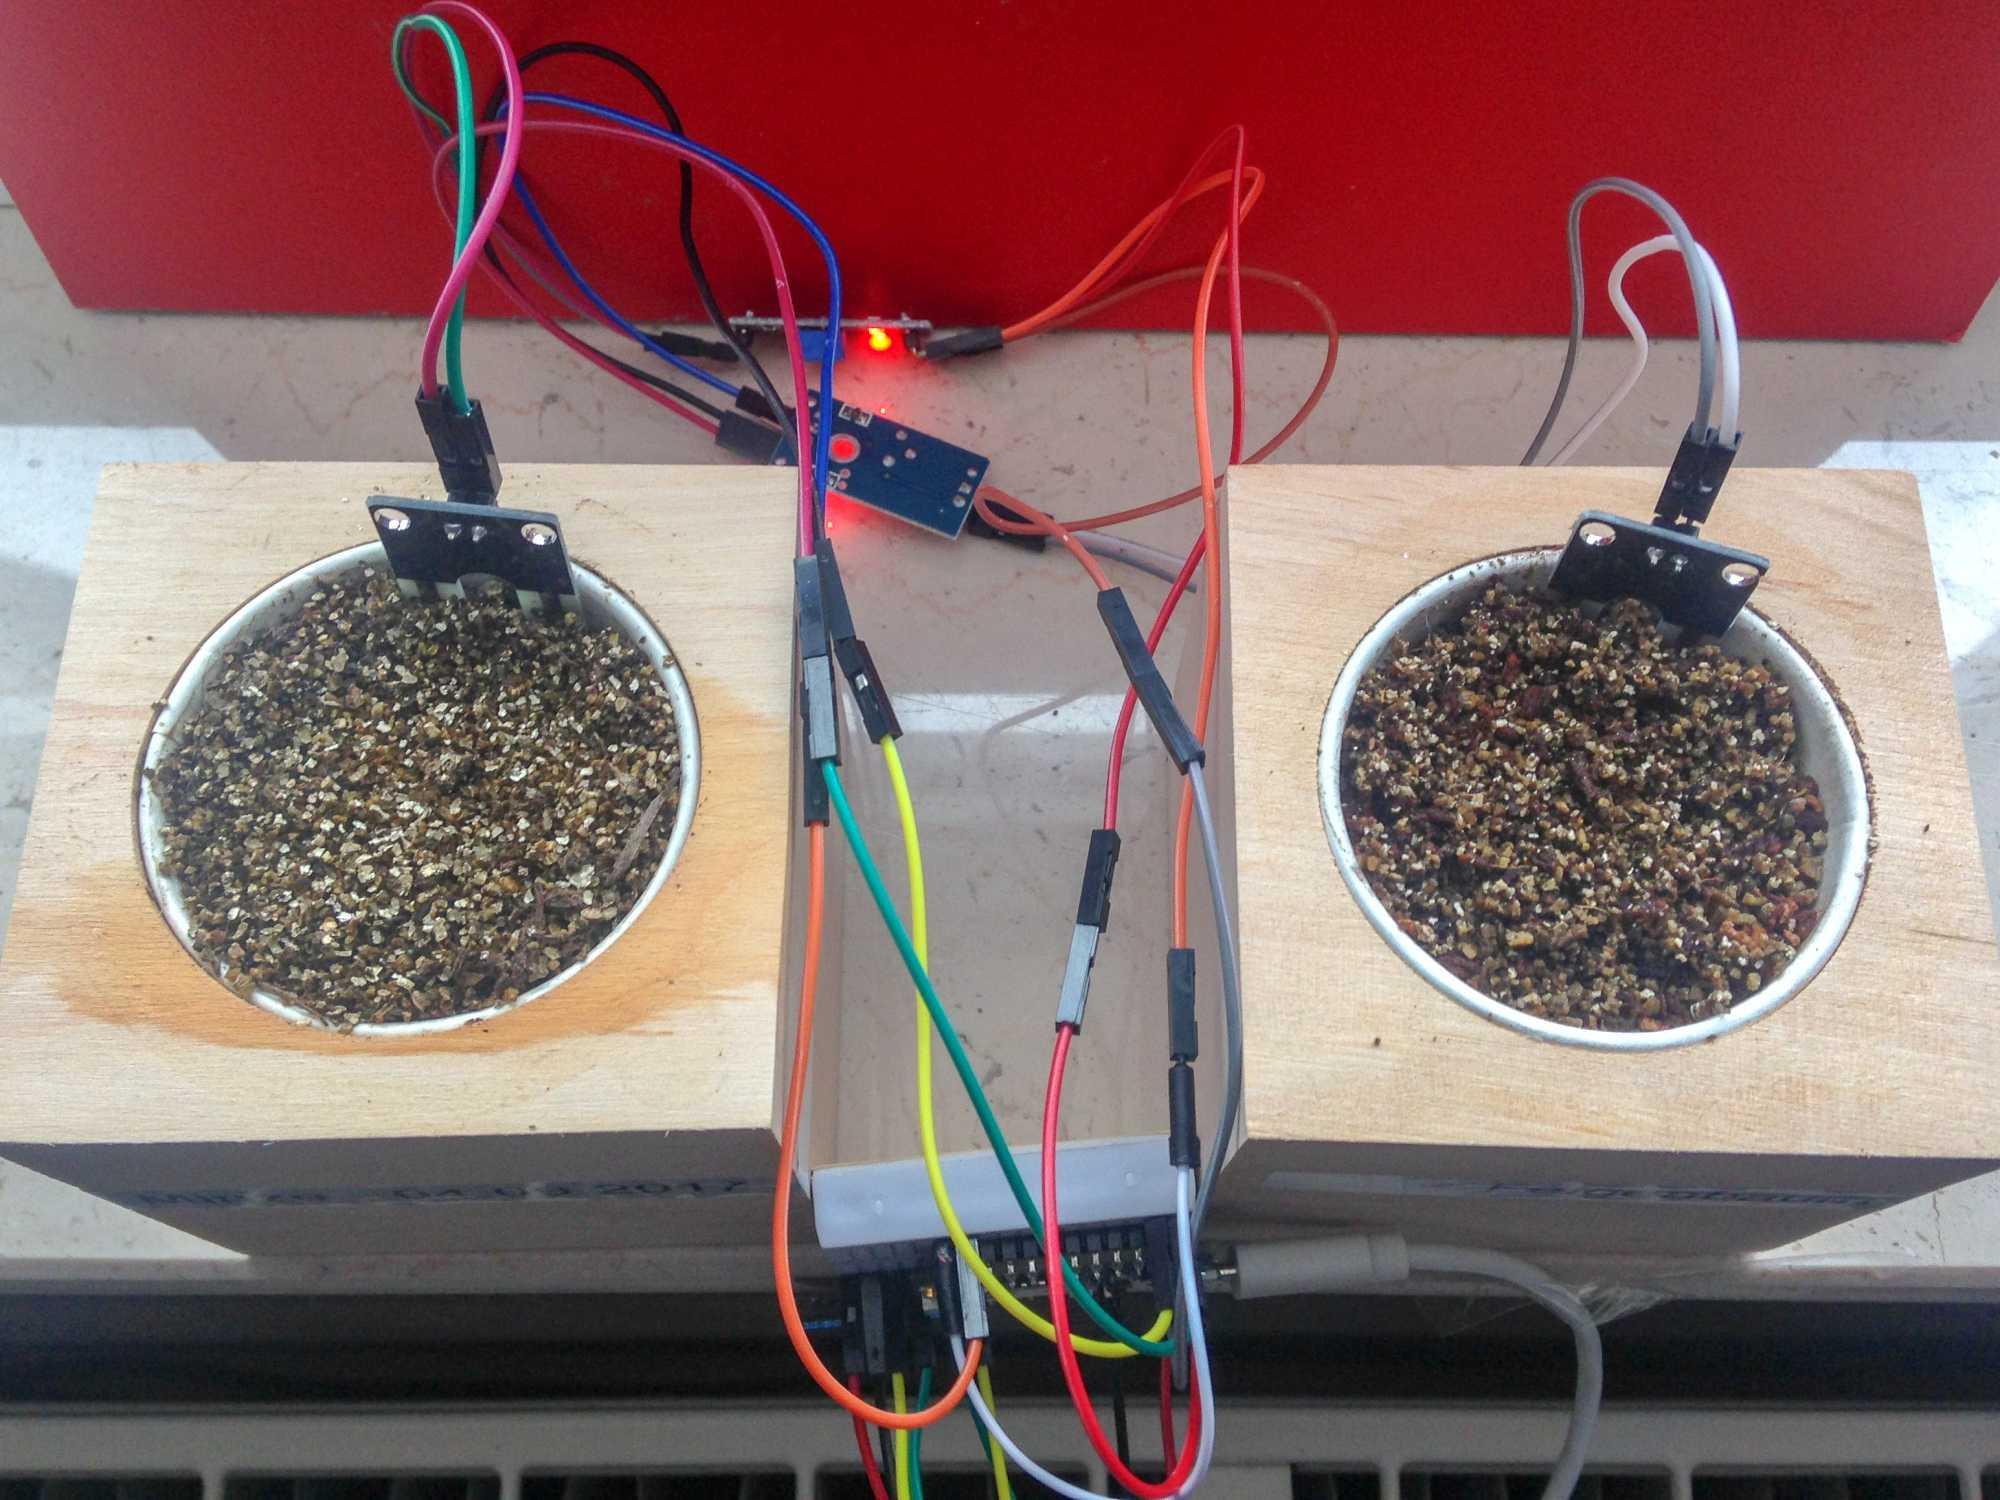 Zwei Blumentöpfe mit Feuchtigkeitssensor und angeschlossener Elektronik.